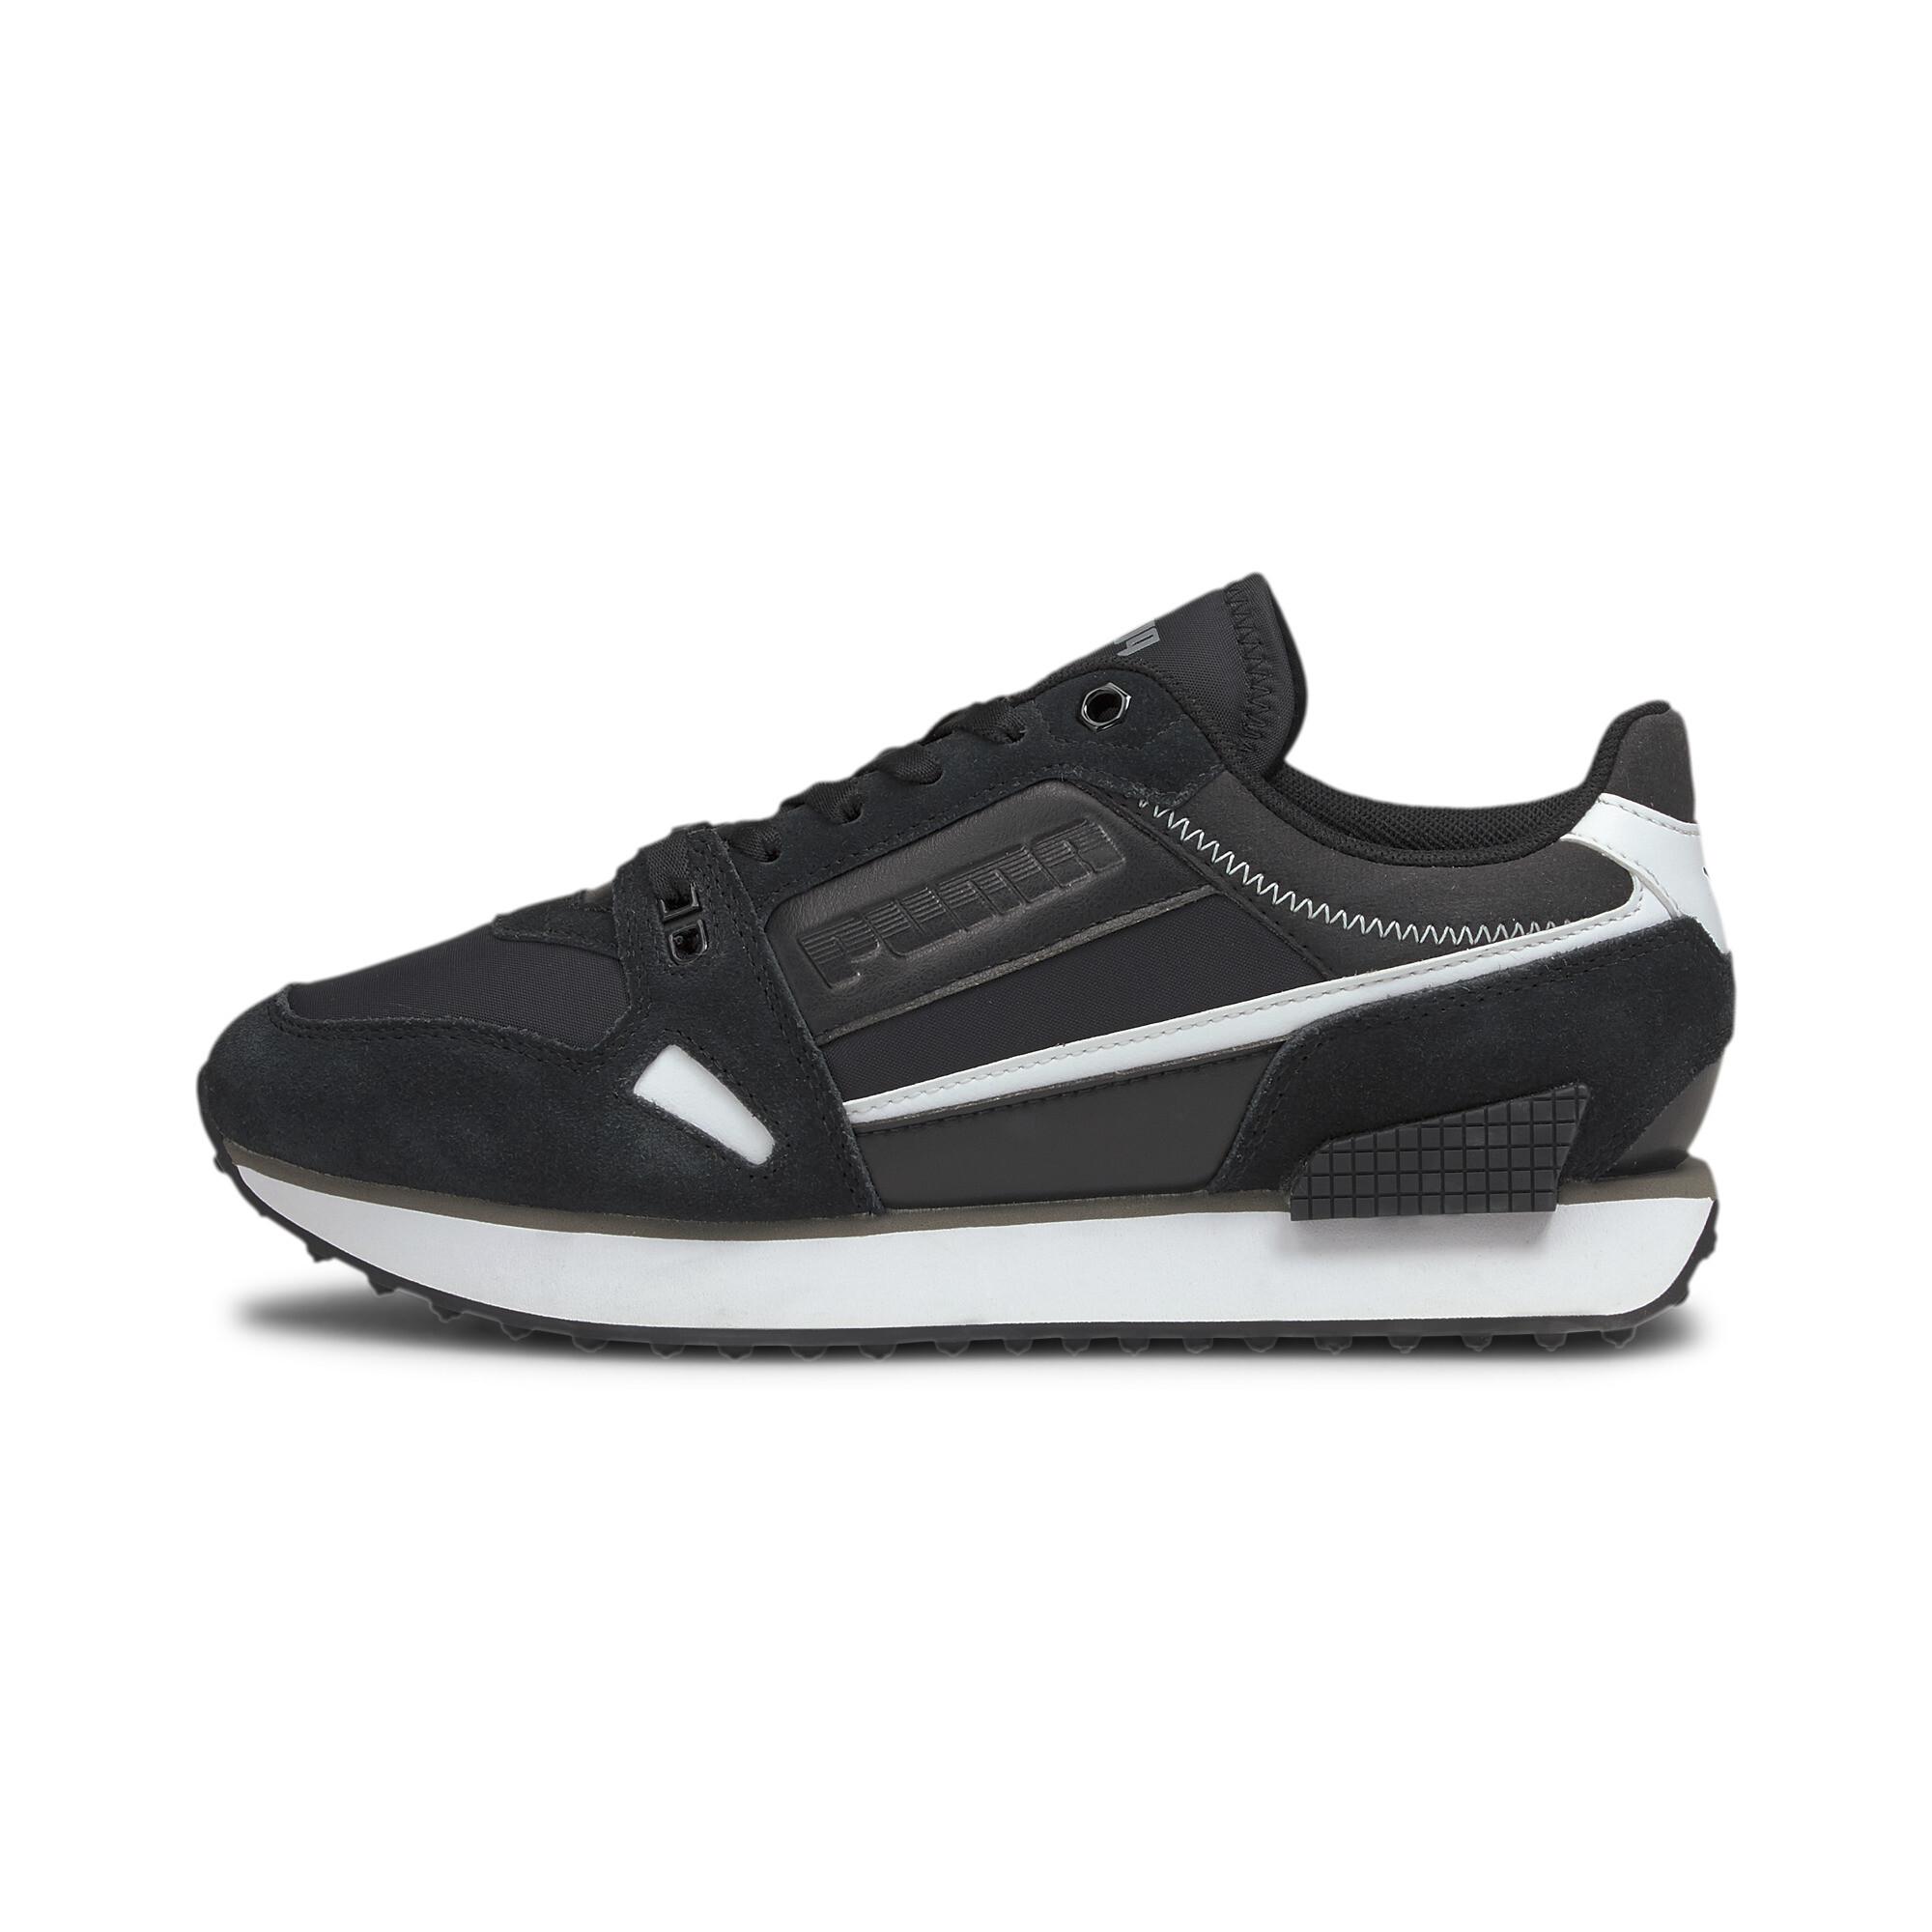 Indexbild 22 - PUMA-Mile-Rider-Chrome-Desert-Damen-Sneaker-Frauen-Schuhe-Neu